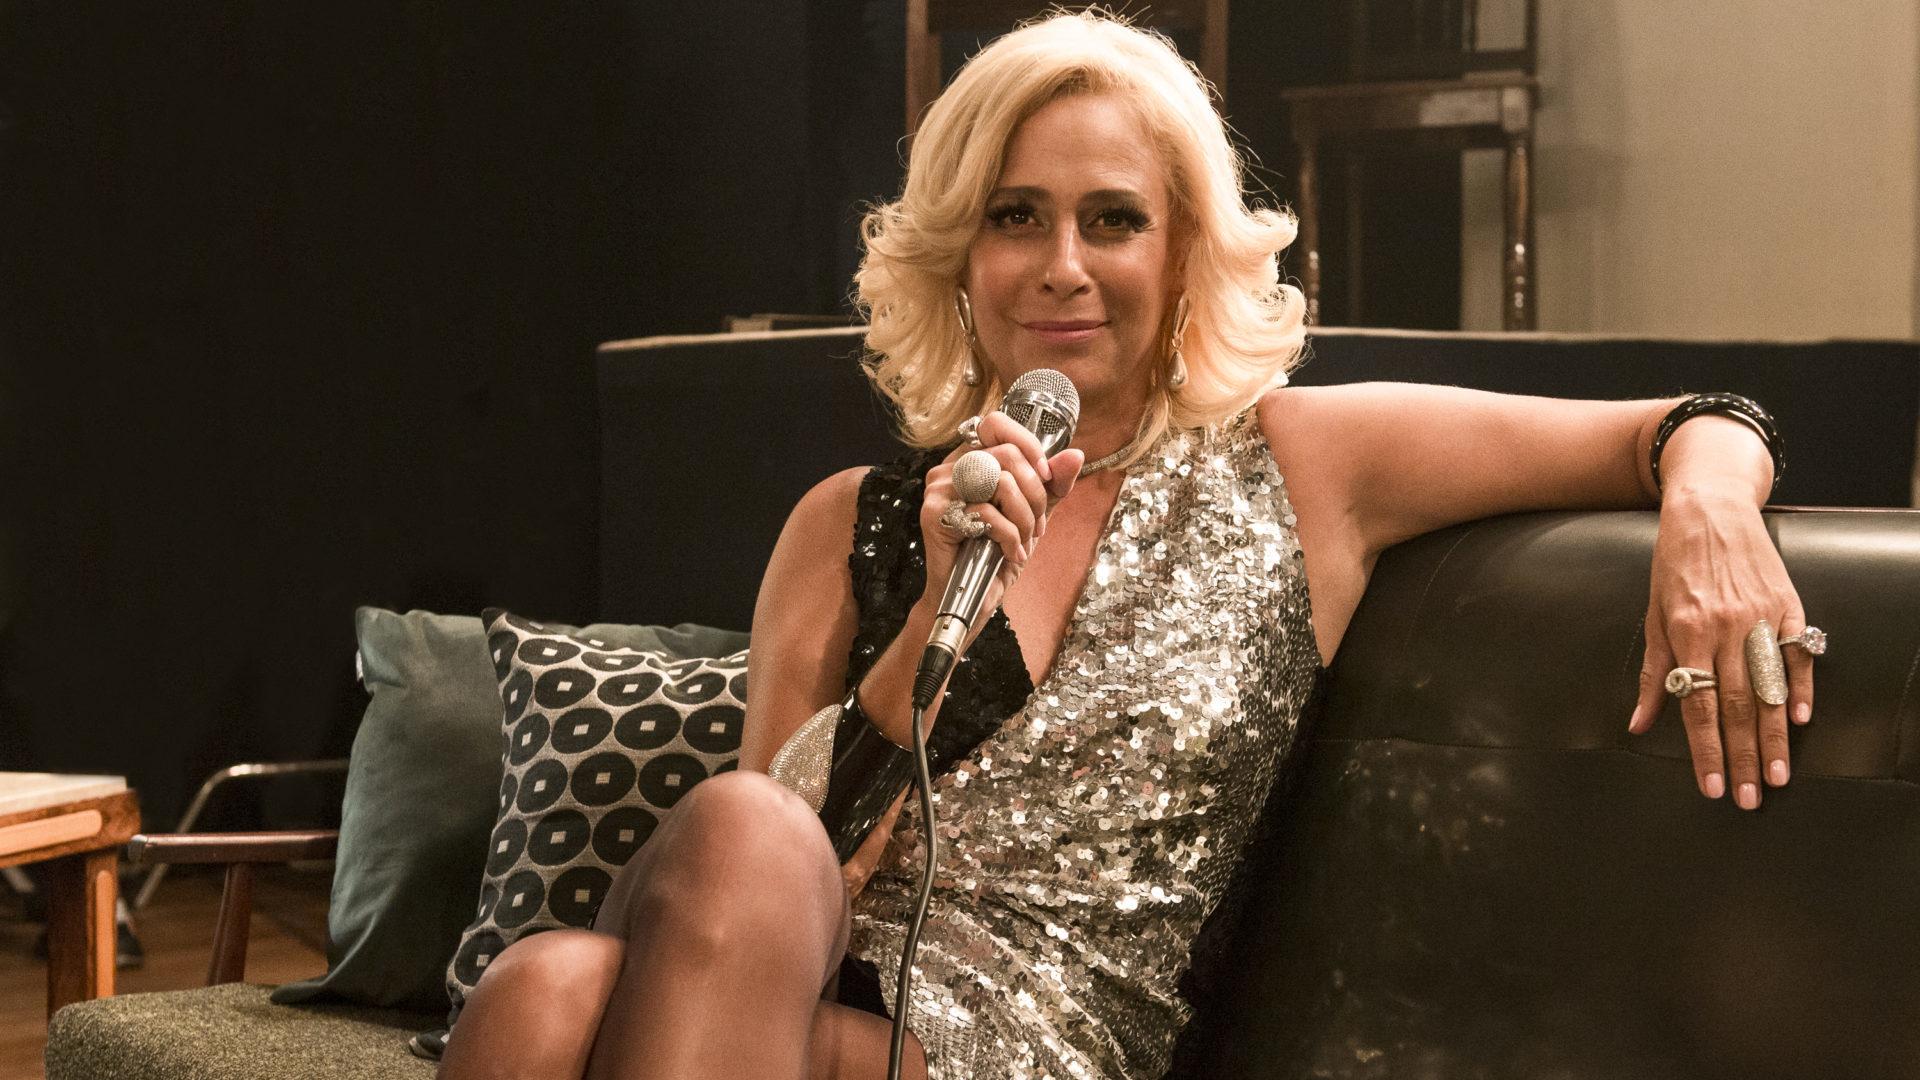 A imagem é uma fotografia de Andréa Beltrão caracterizada como Hebe. A atriz está sentada em um sofá com as pernas cruzadas e o braço esquerdo apoiado no encosto do sofá. A atriz está com cabelo loiro curto, e veste um vestido prateado e preto. Ela também segura um microfone em sua mão direita.